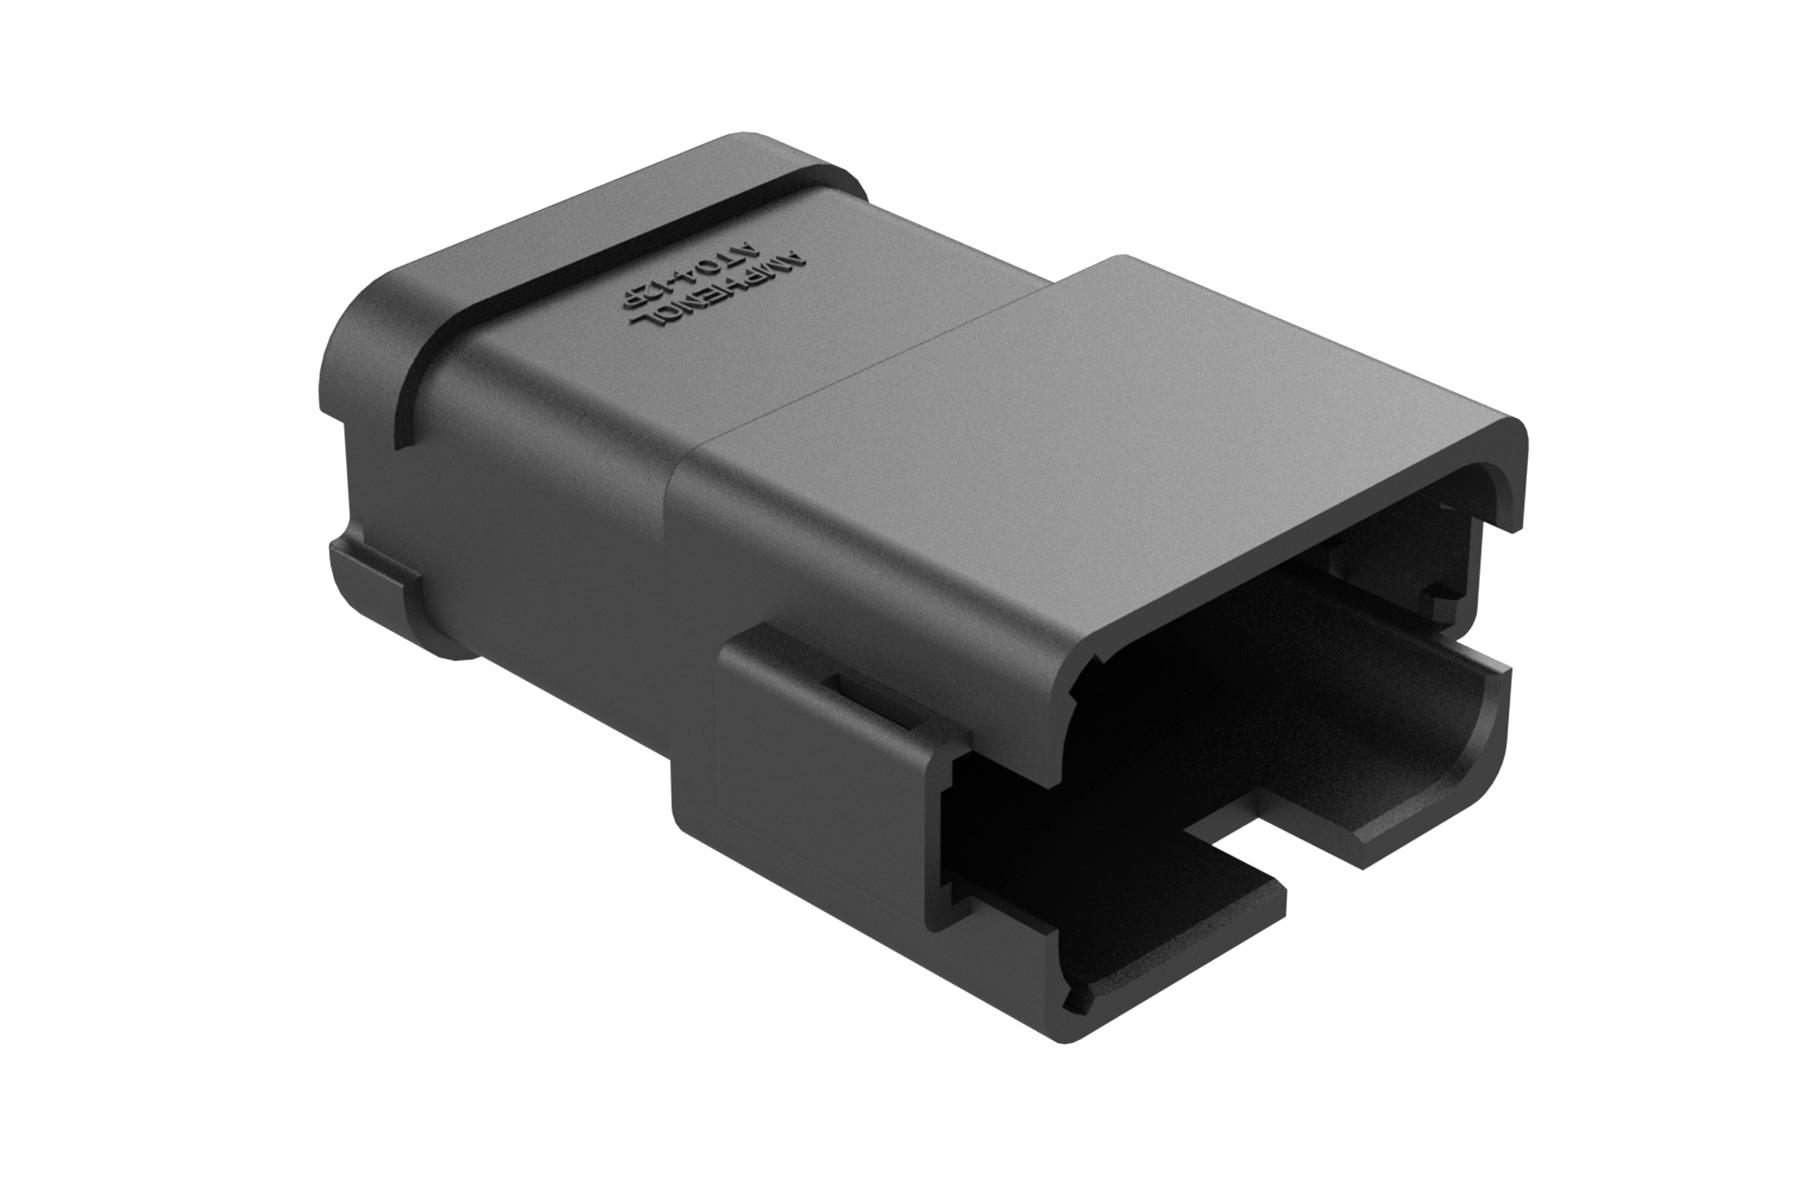 AT04-12PB-P021 12-way receptacle, (1) 12 pin busbar=78